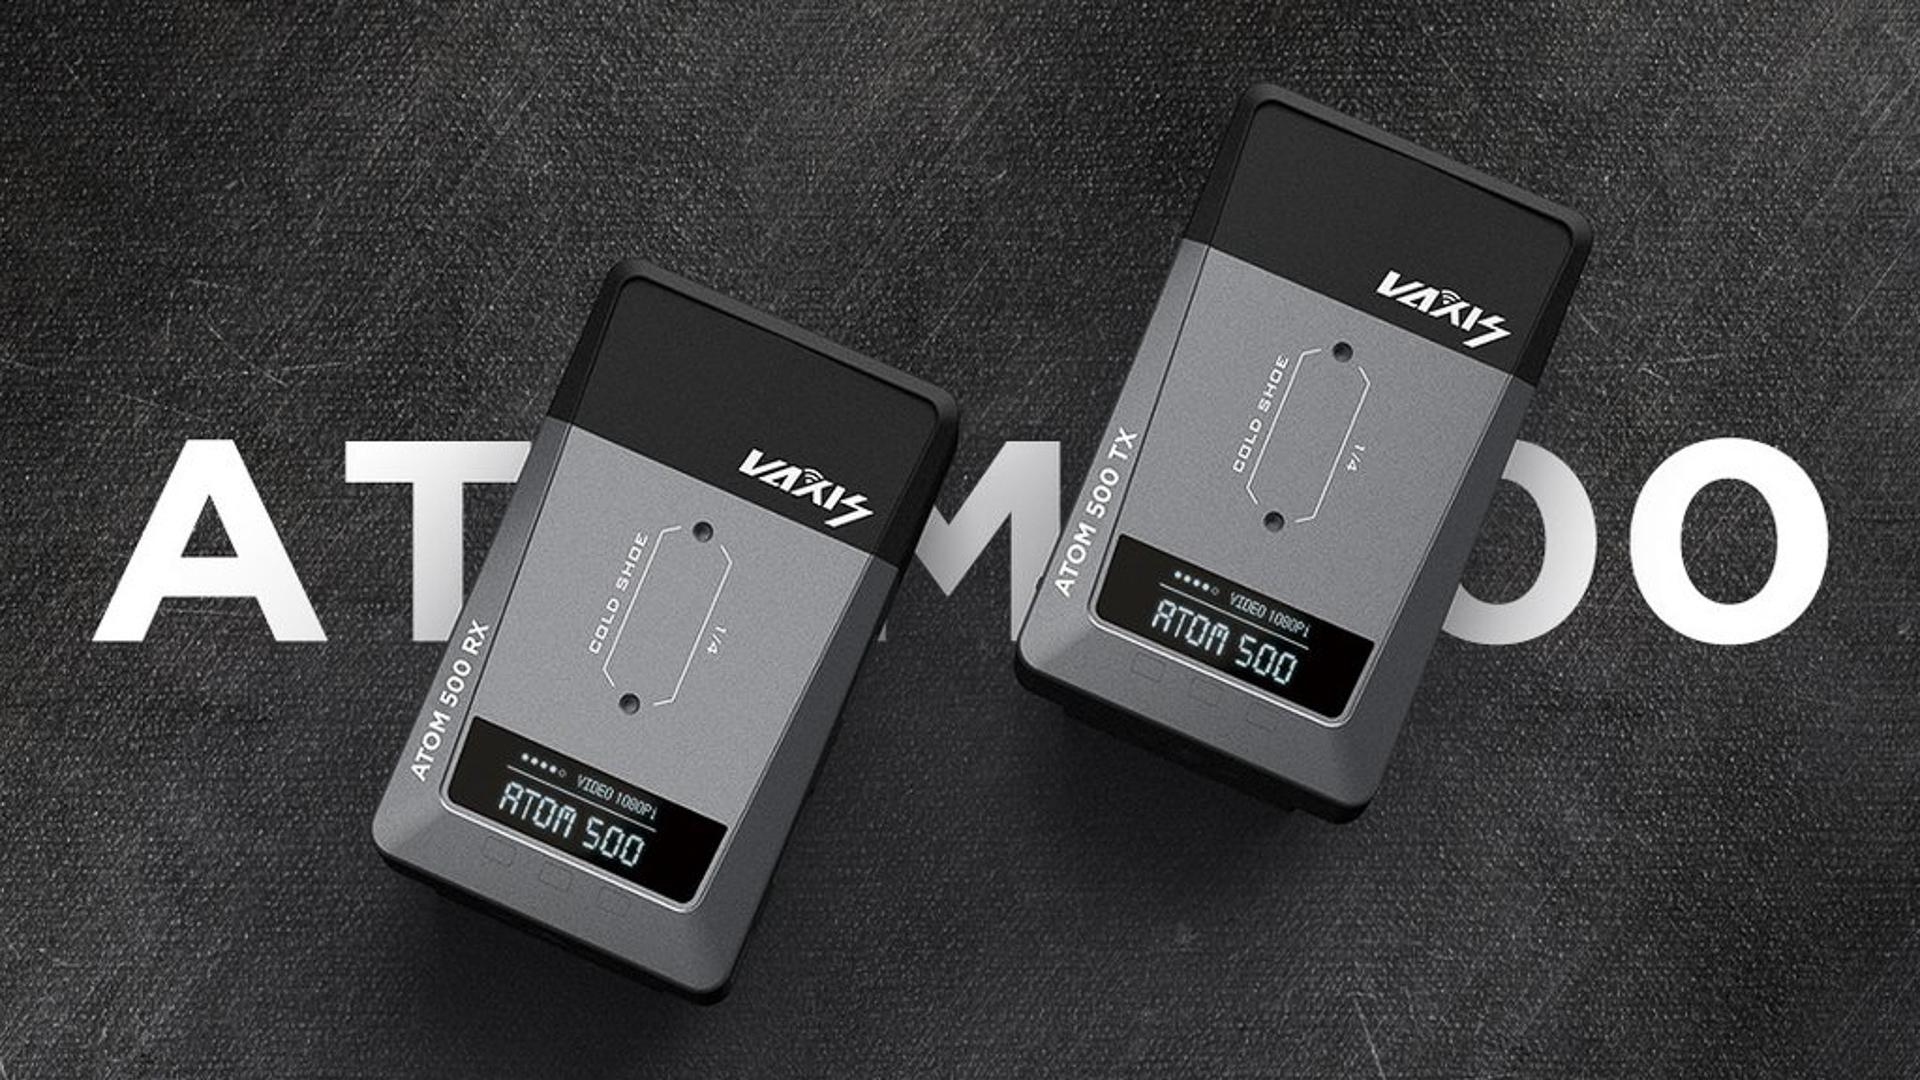 Oferta en el kit de transmisión de video Vaxis Atom 500 (35% de descuento) y actualización de firmware